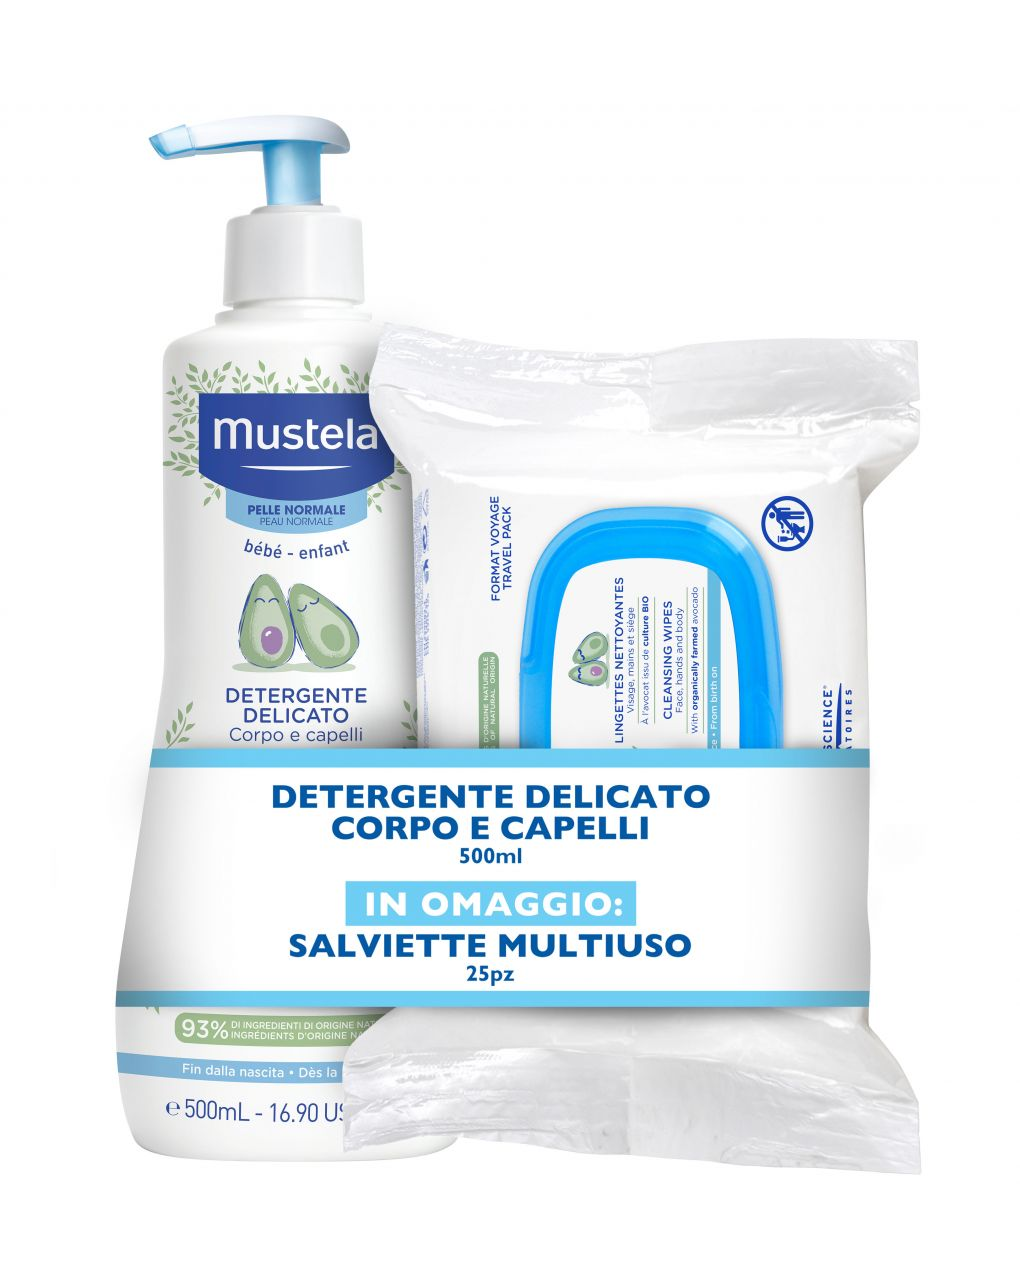 Detergente delicato + salviette multiuso - Mustela